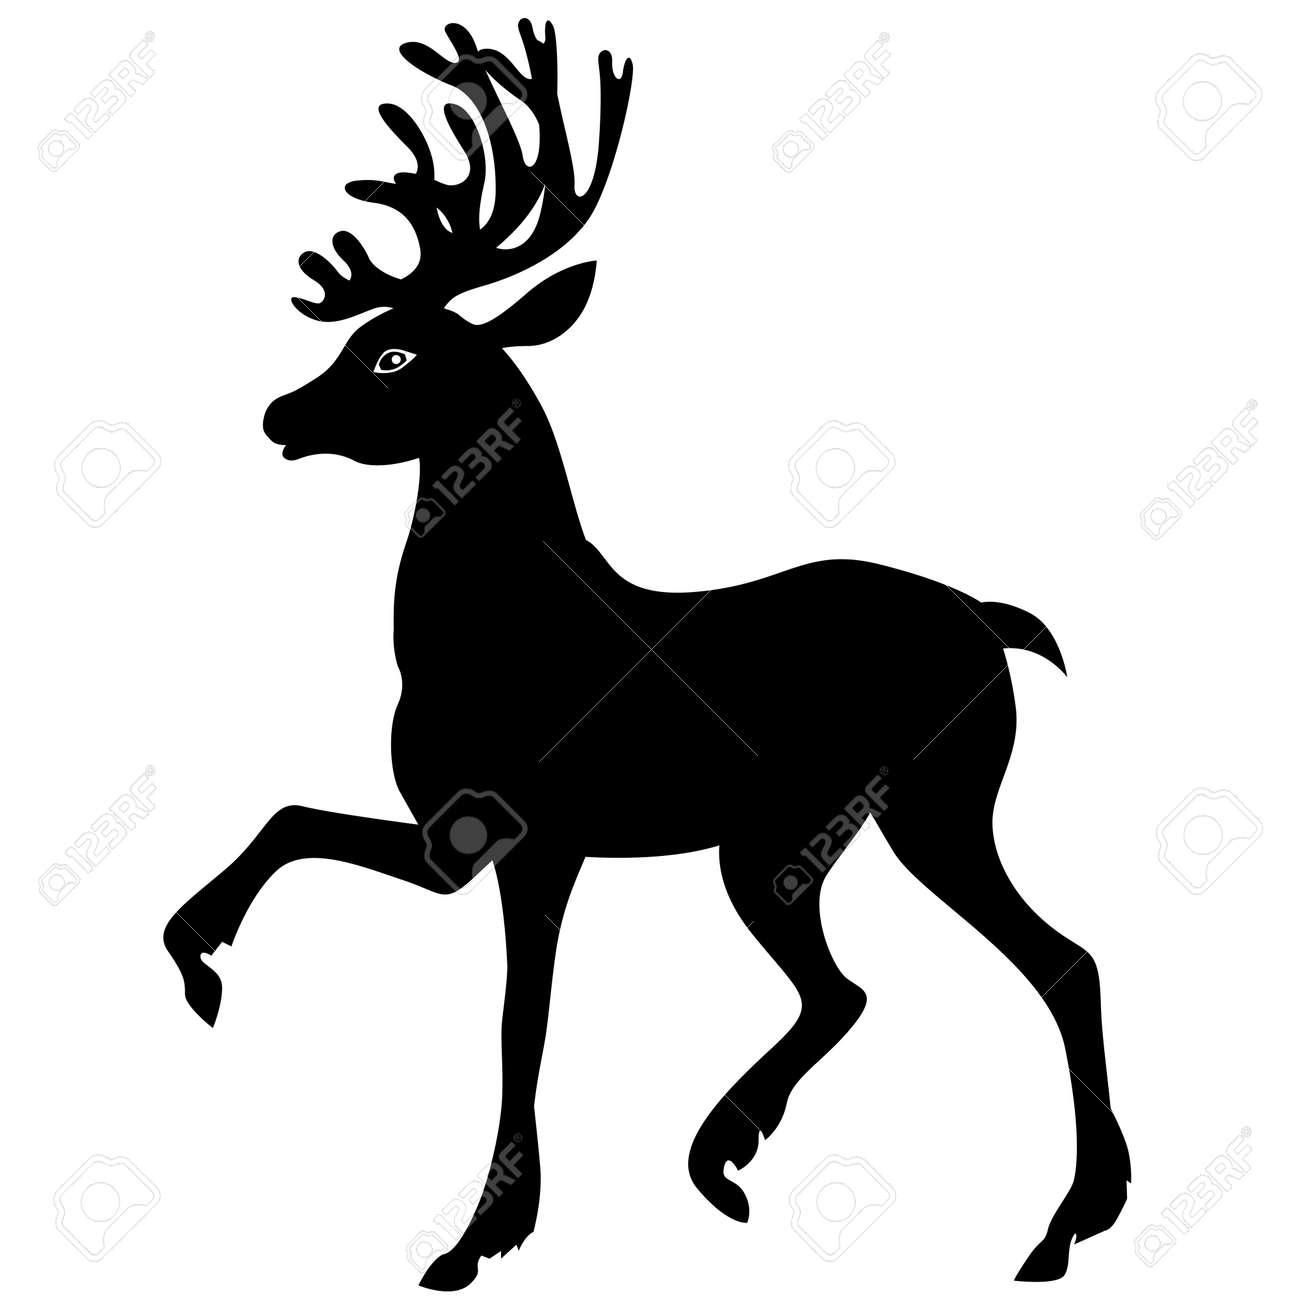 Silhouette Schwarz-Weiß-Bild Von Weihnachten Hirsch Lizenzfrei ...